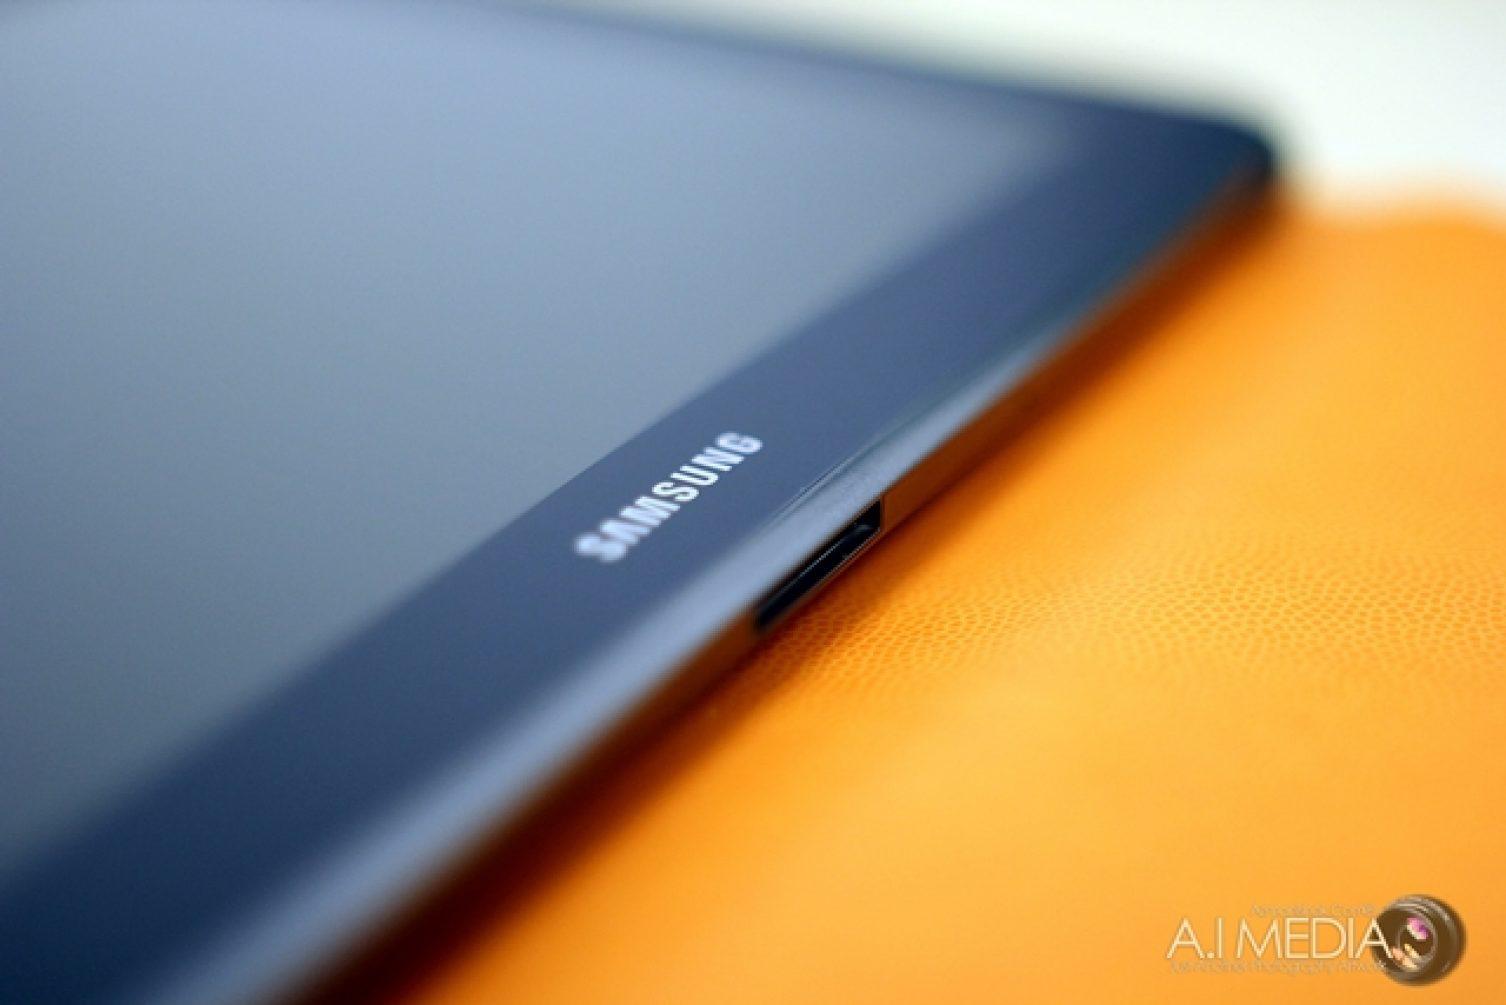 REVIEW: CLOSE-UP (Macro Shoot) – Samsung Galaxy Note 10.1